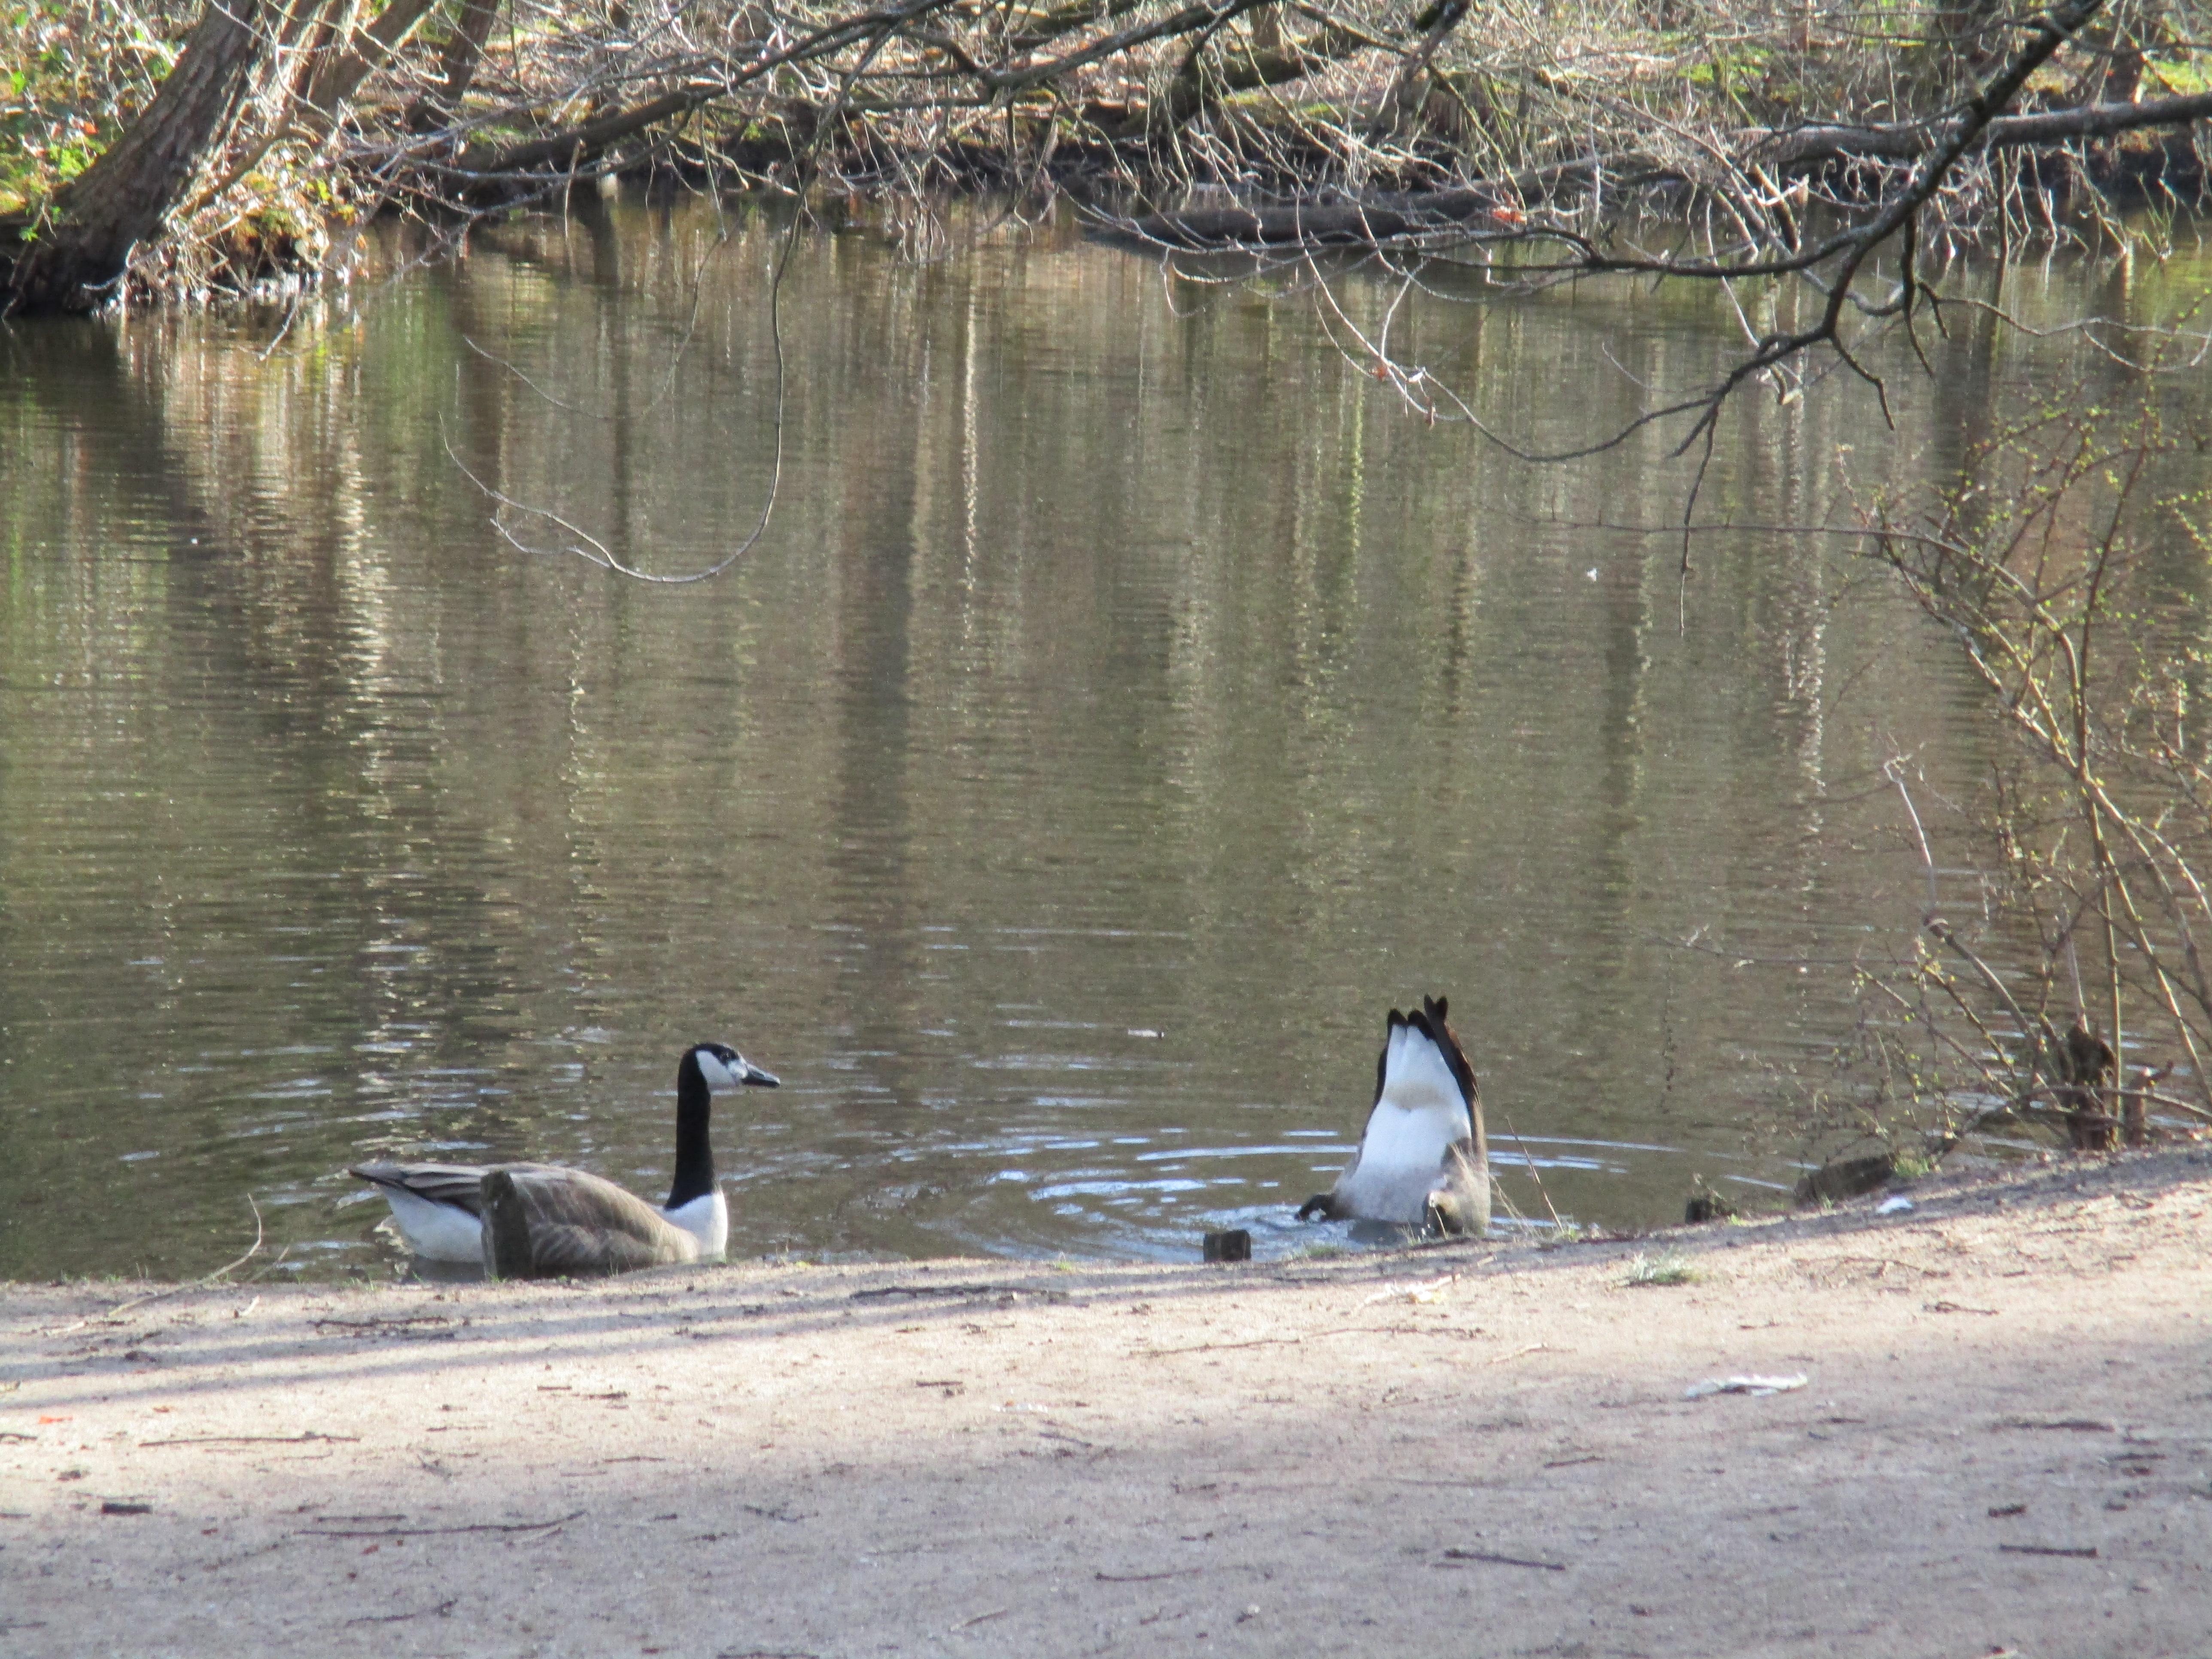 2 Enten im See. Eine davon schaut zu, wie die andere das Schwänzchen in die Höhe reckt.